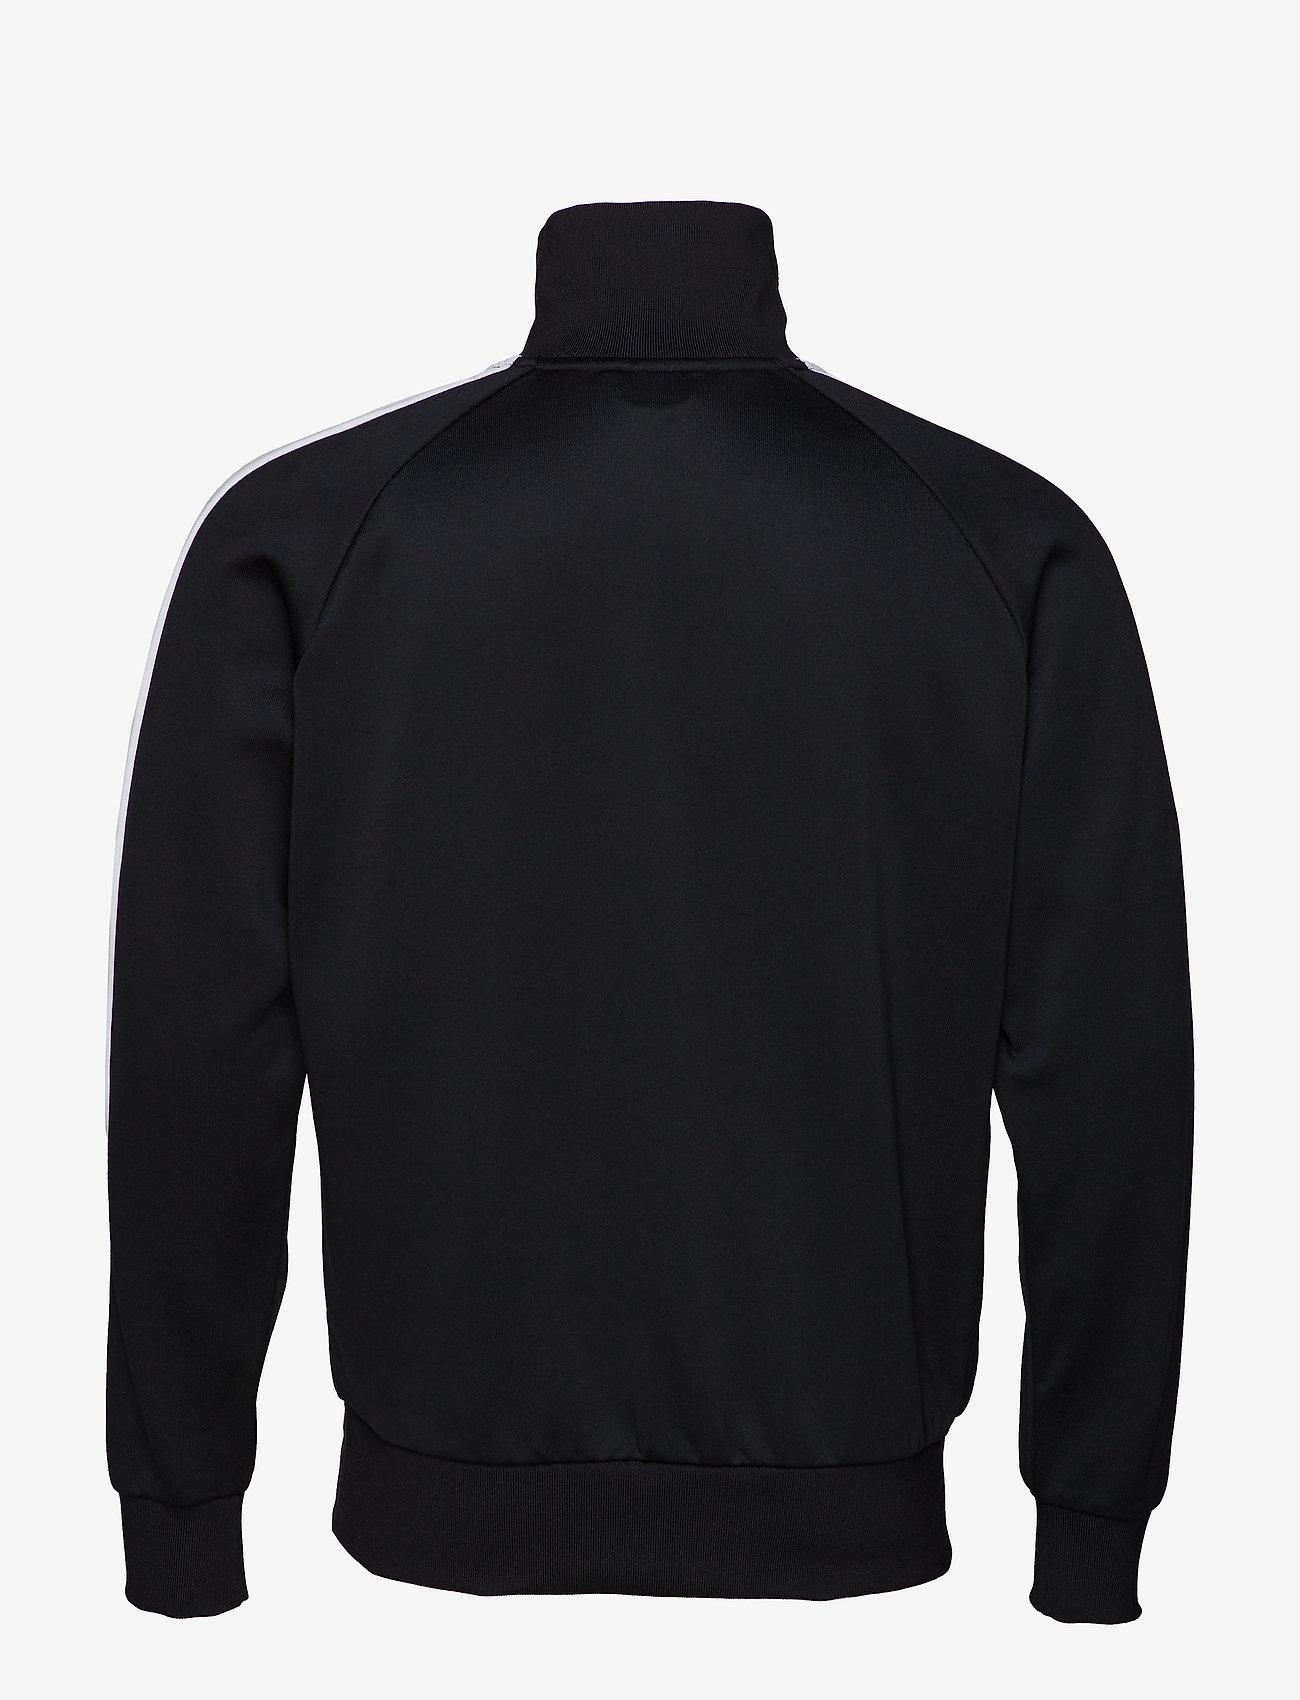 PUMA - Iconic T7 Track Jkt PT - track jackets - puma black - 1